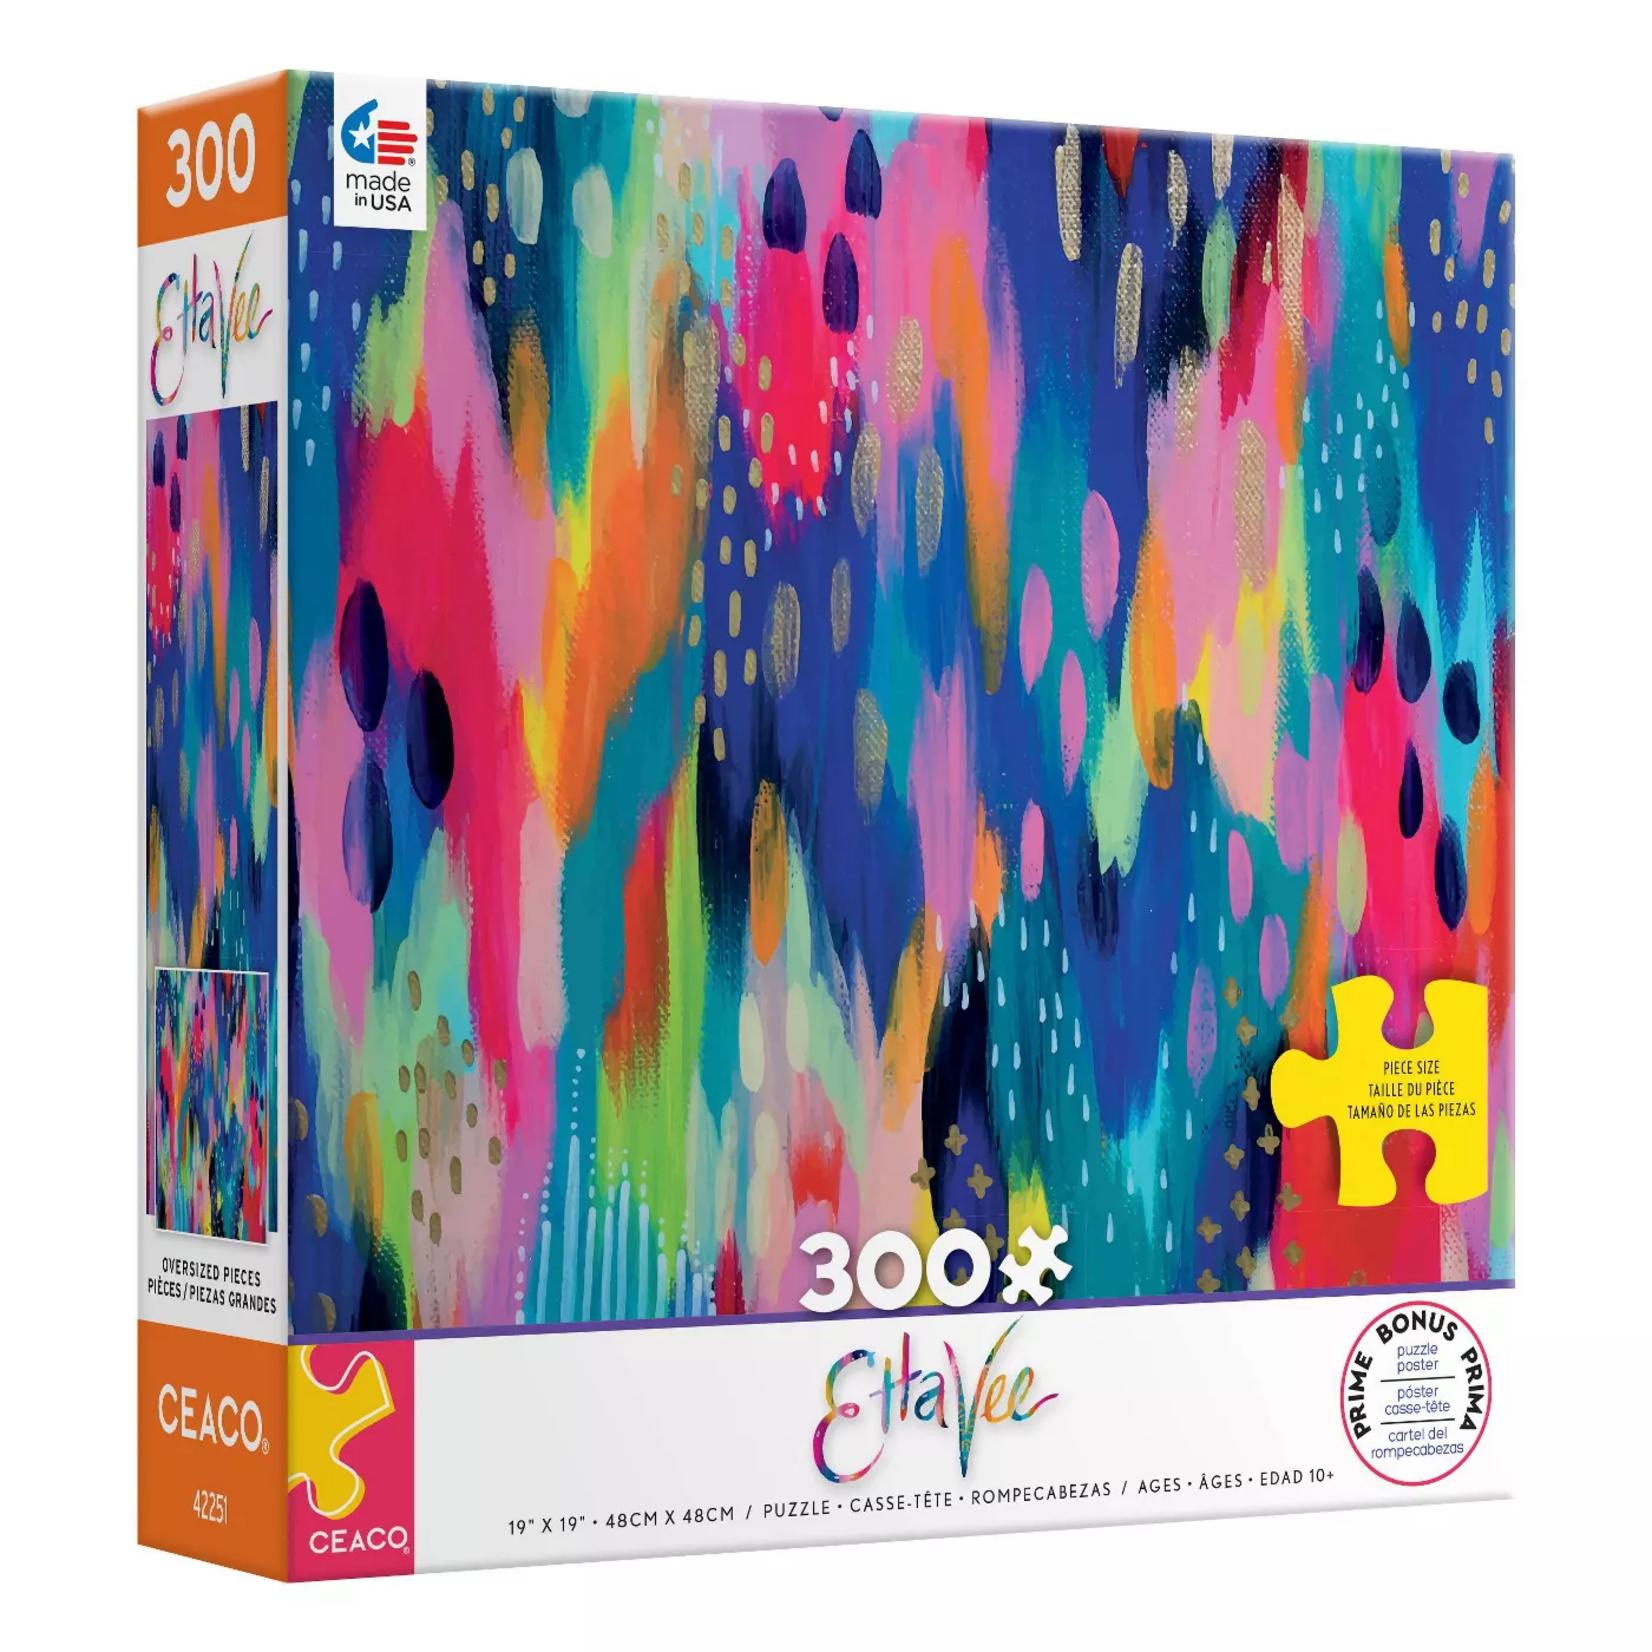 Ceaco Etta Vee Hello Color Puzzle 2281-1 (300 pieces)